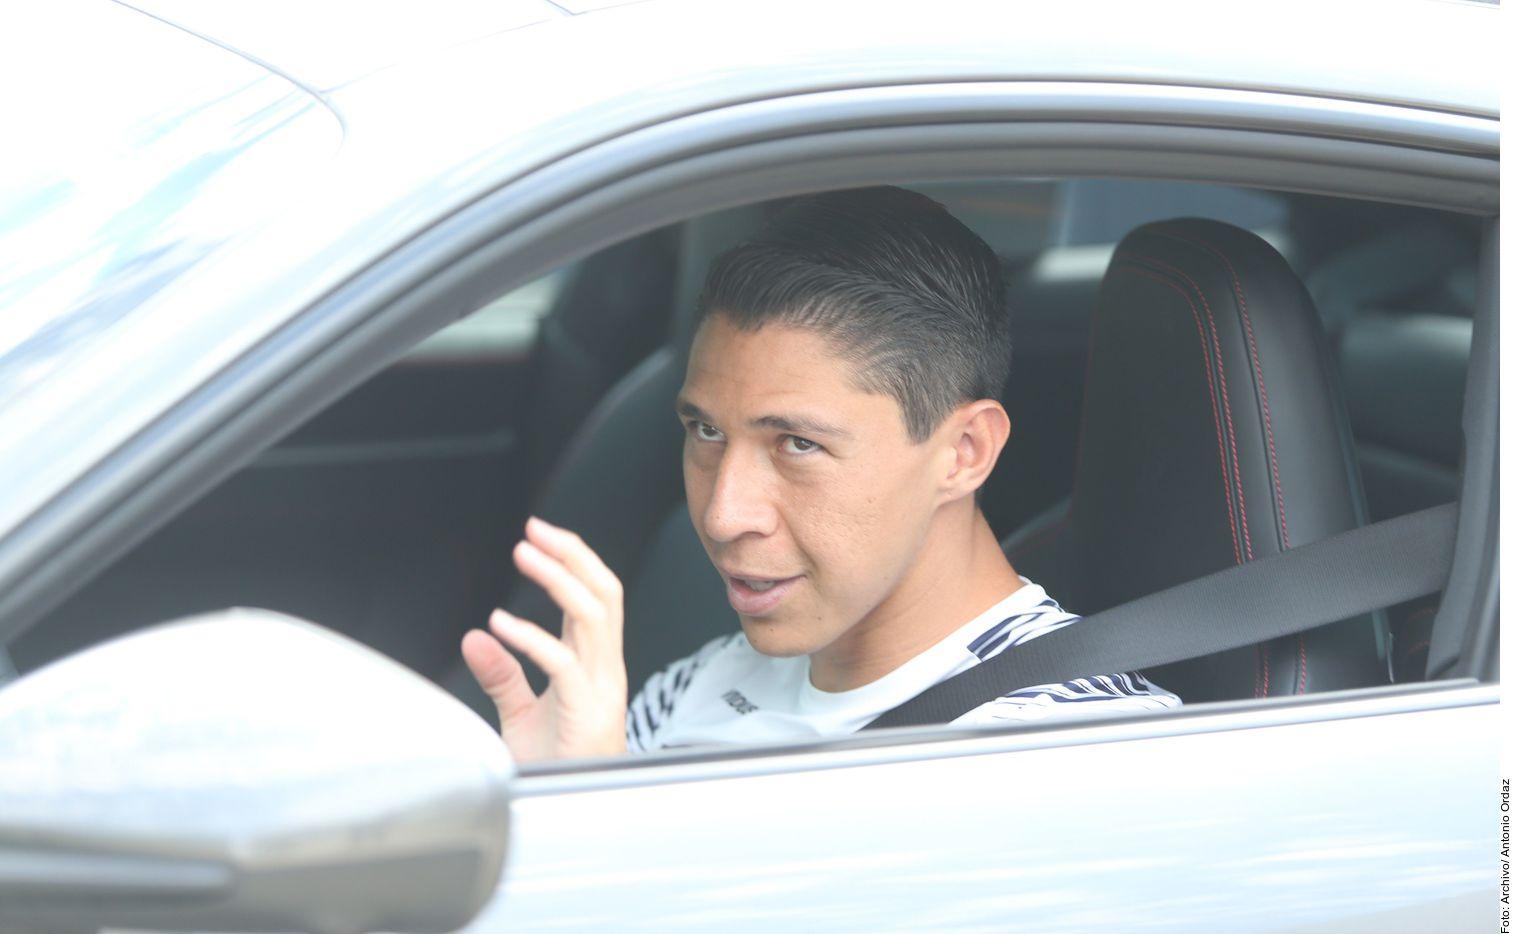 Hugo González (foto) y Dorlan Pabón fueron apartados y no hicieron el viaje a León, donde los Rayados visitan a La Fiera, por violar el protocolo sanitario del club.